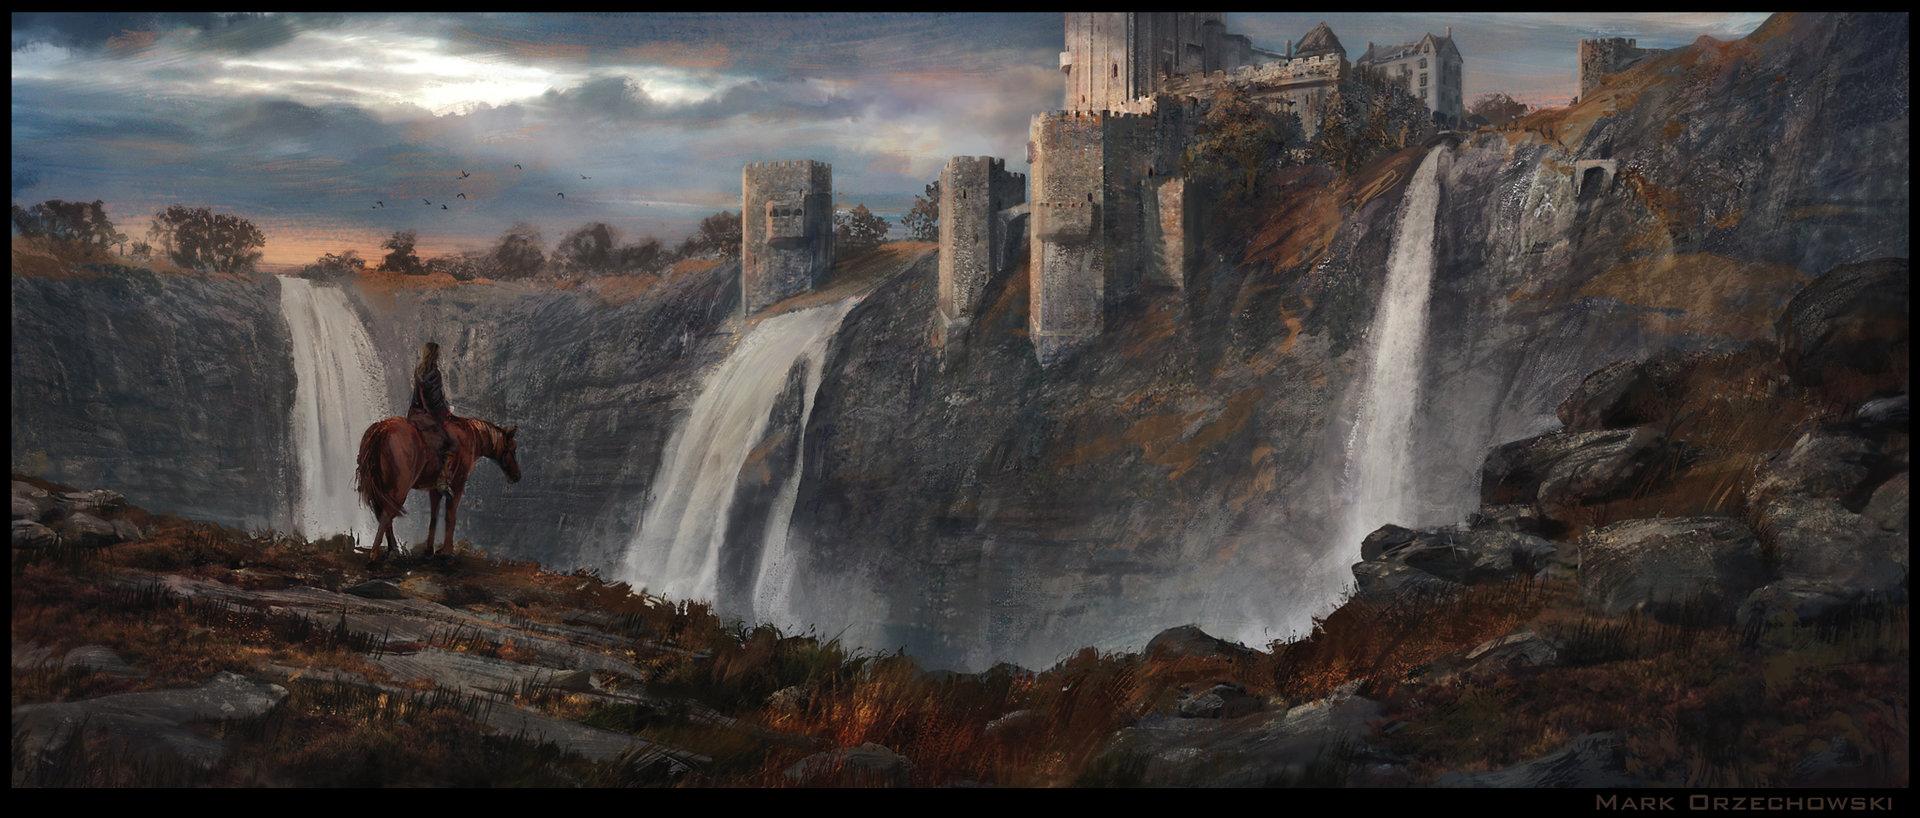 Mark orzechowski markorz castlefalls10 fixes big